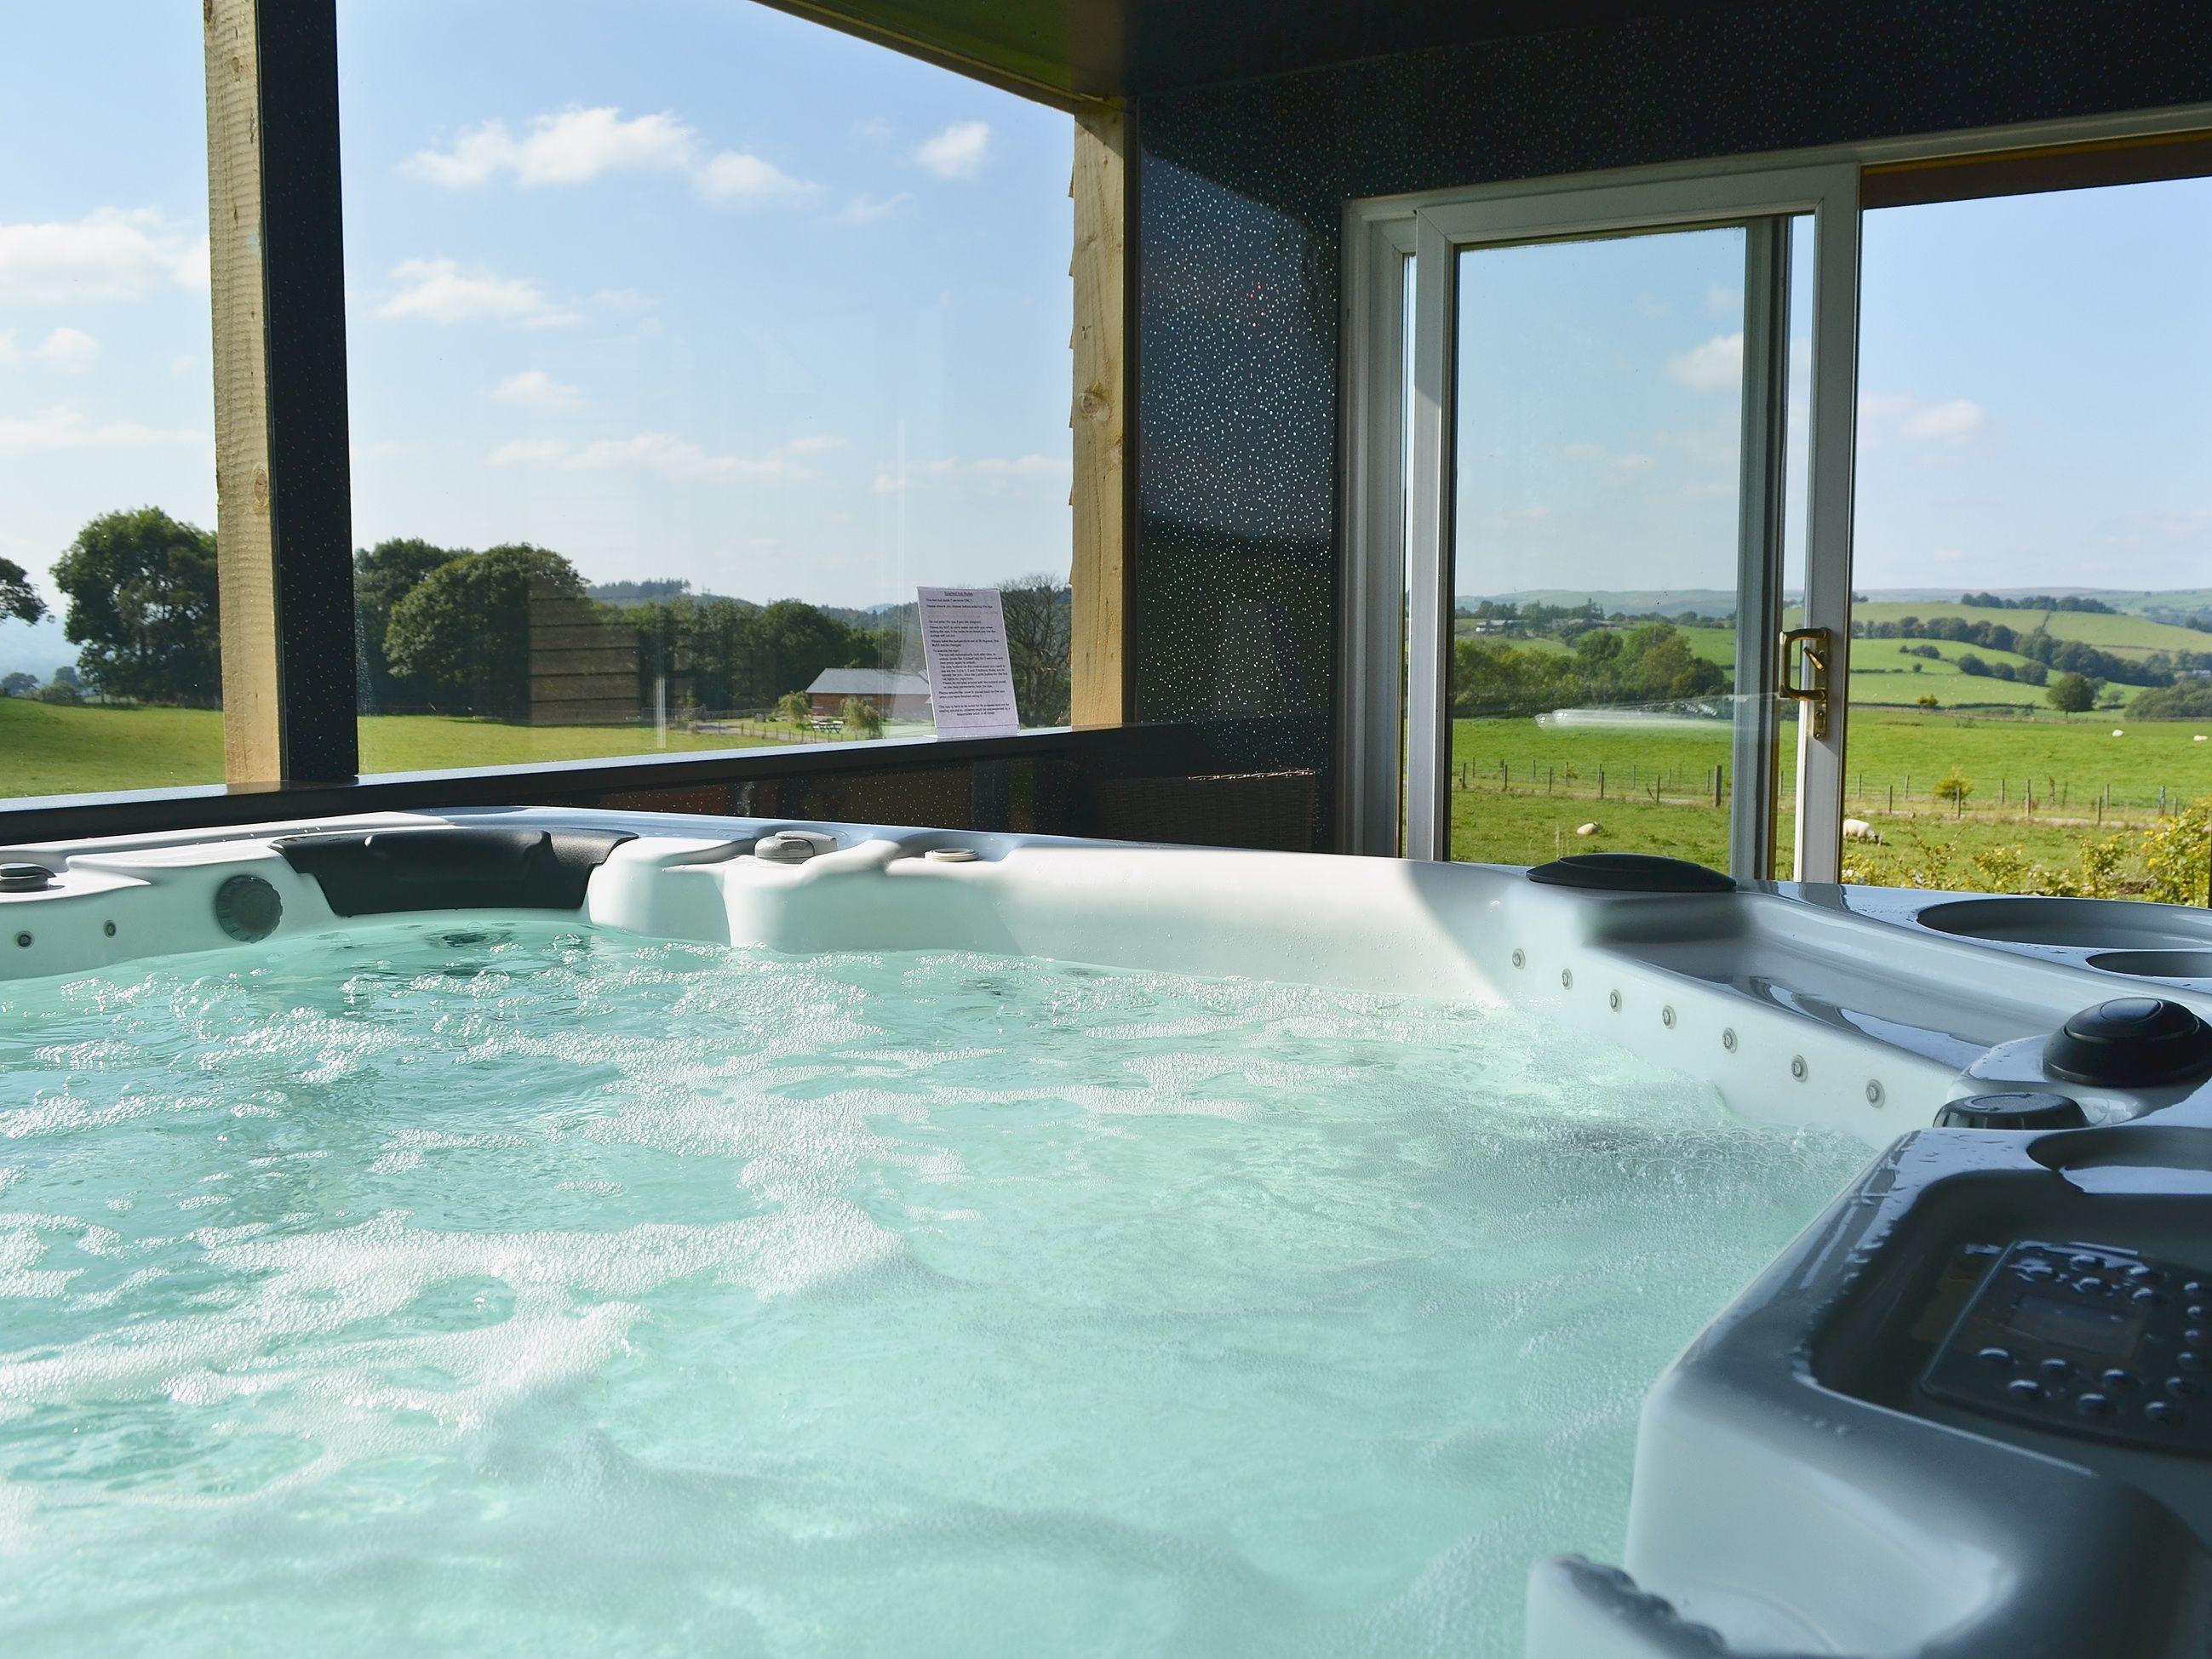 Pin On Hot Tub Holiday Homes